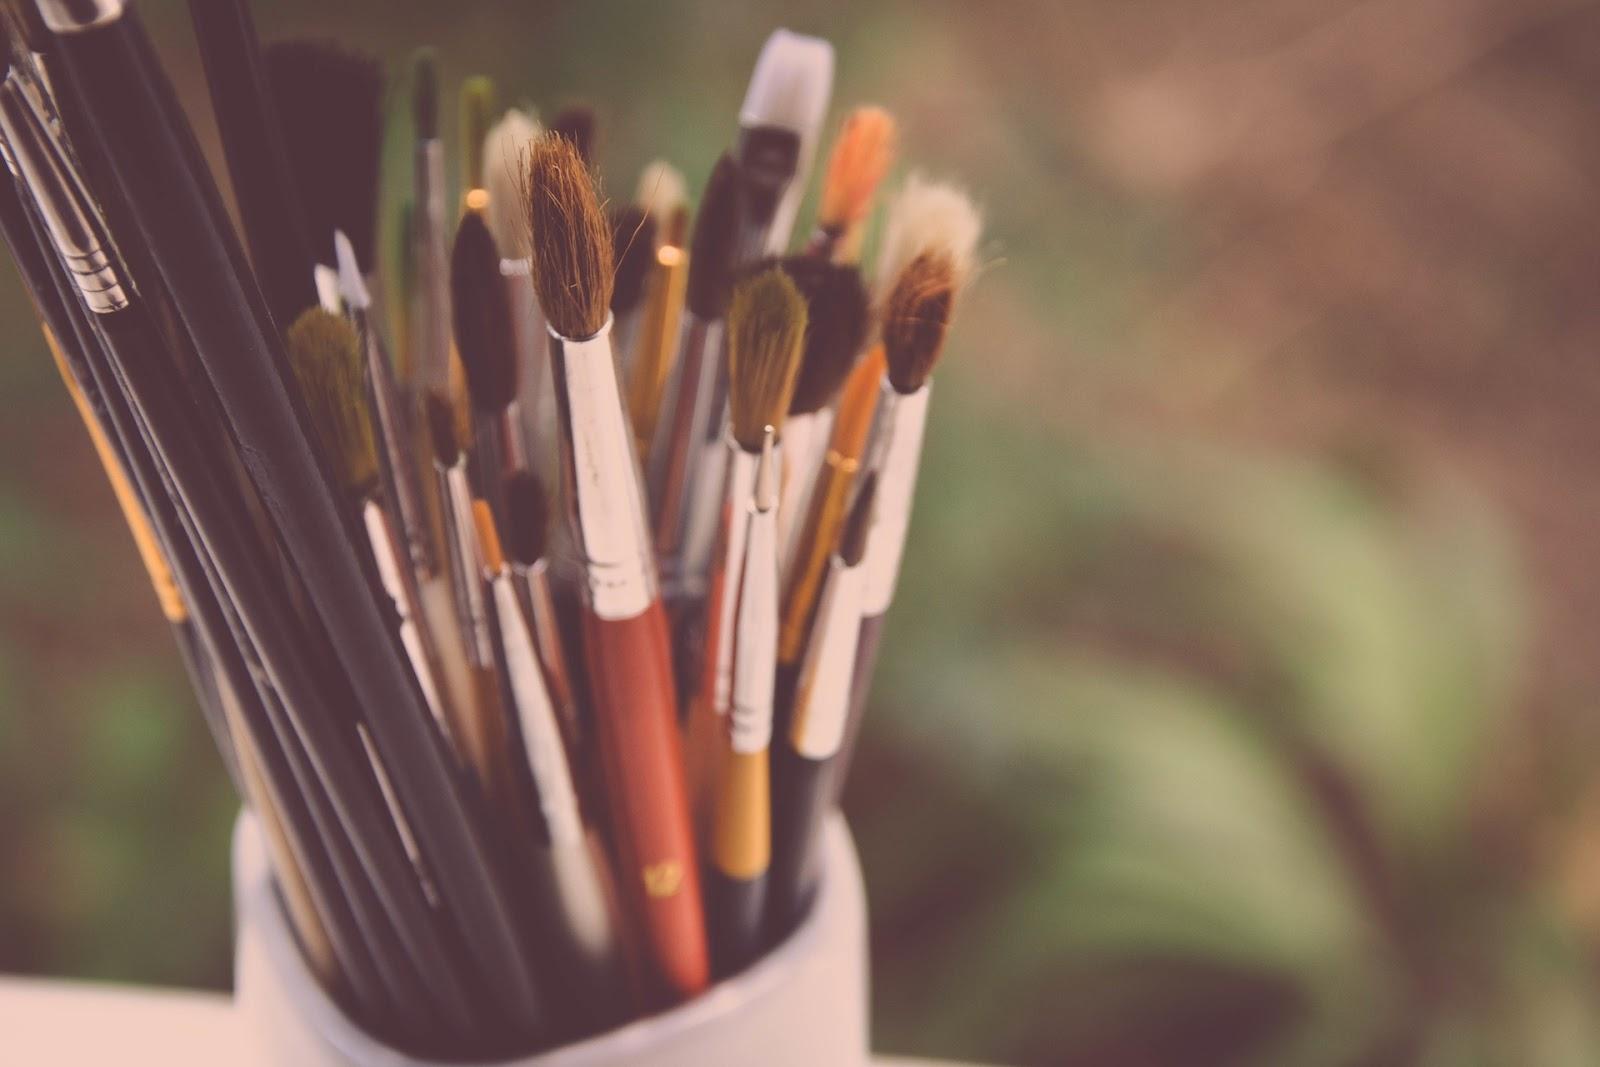 paint-brushes-984434_1920.jpg